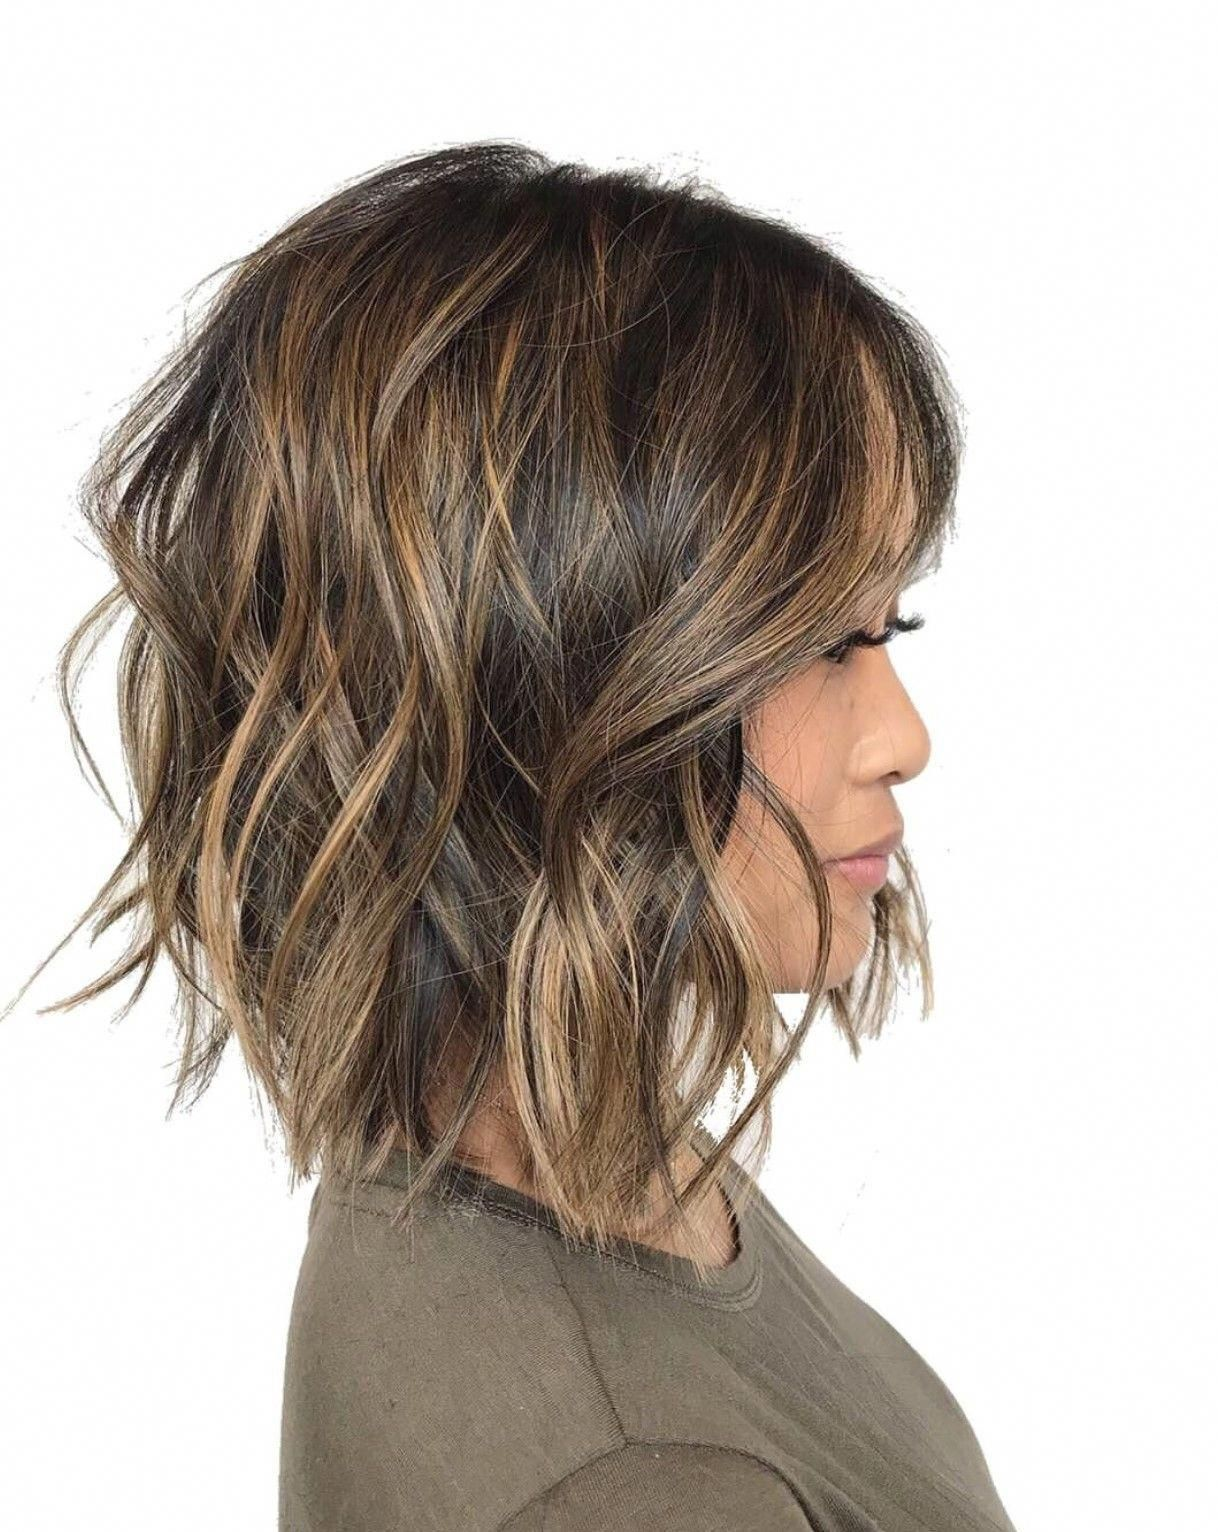 21 Hottest Short Wavy Hairstyles Ever Trending In 2019 Balayage Frisuren Haarschnitt Ideen